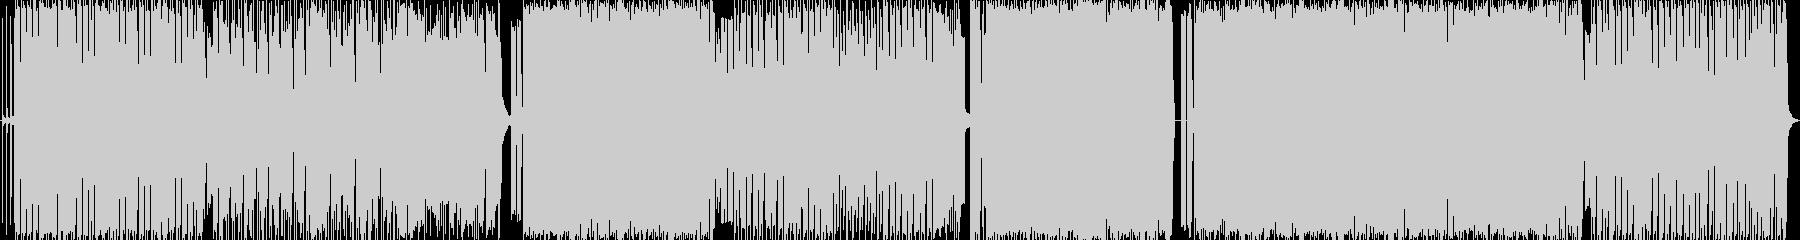 変拍子っぽいオルタナロックの未再生の波形